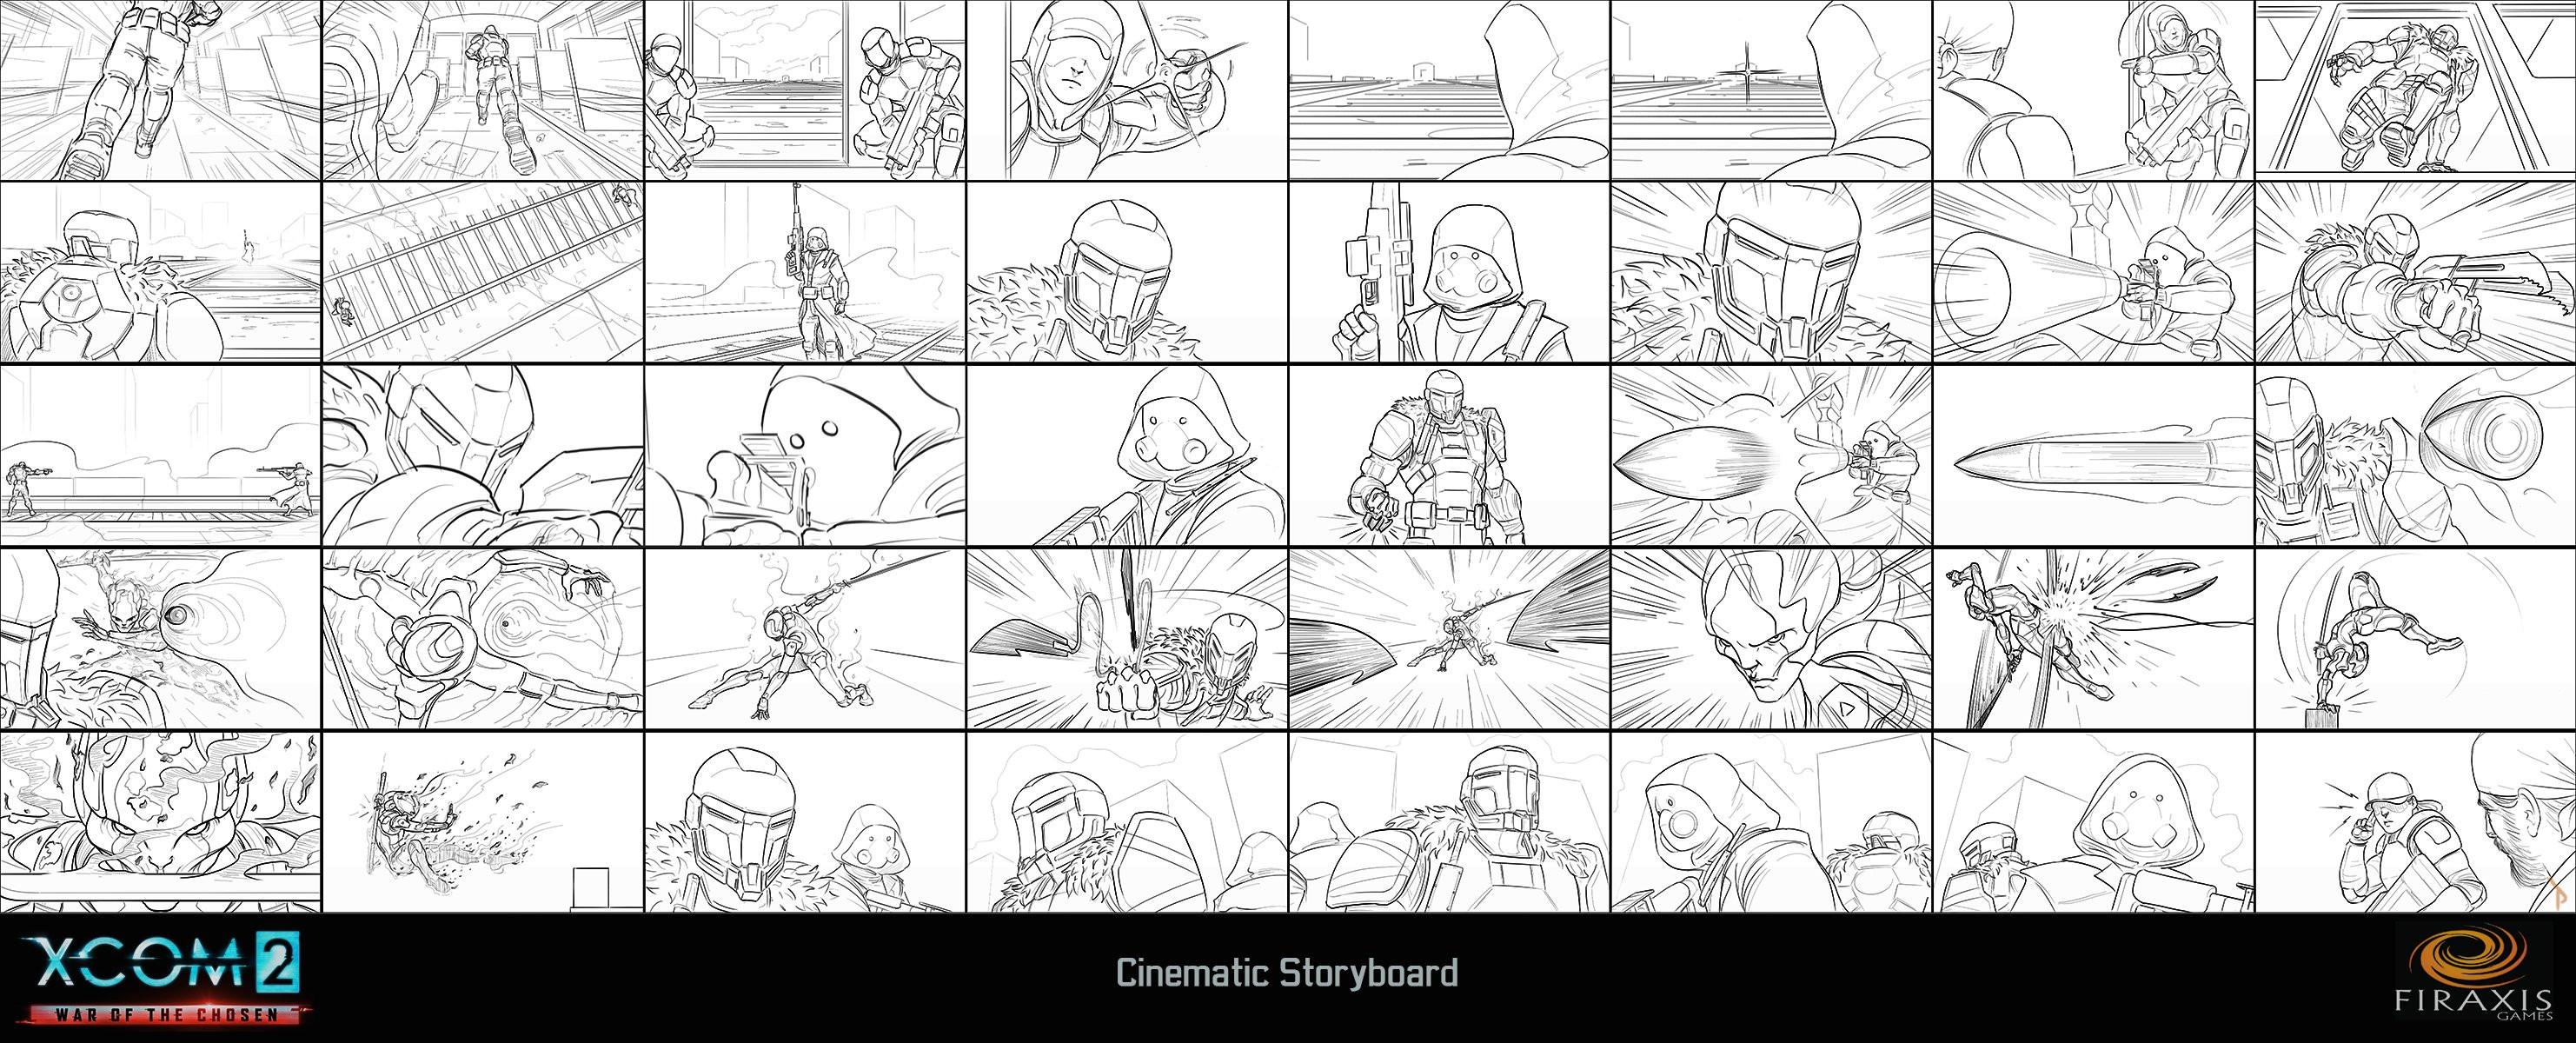 XCOM 2: WOTC Cinematic Storyboard (line)